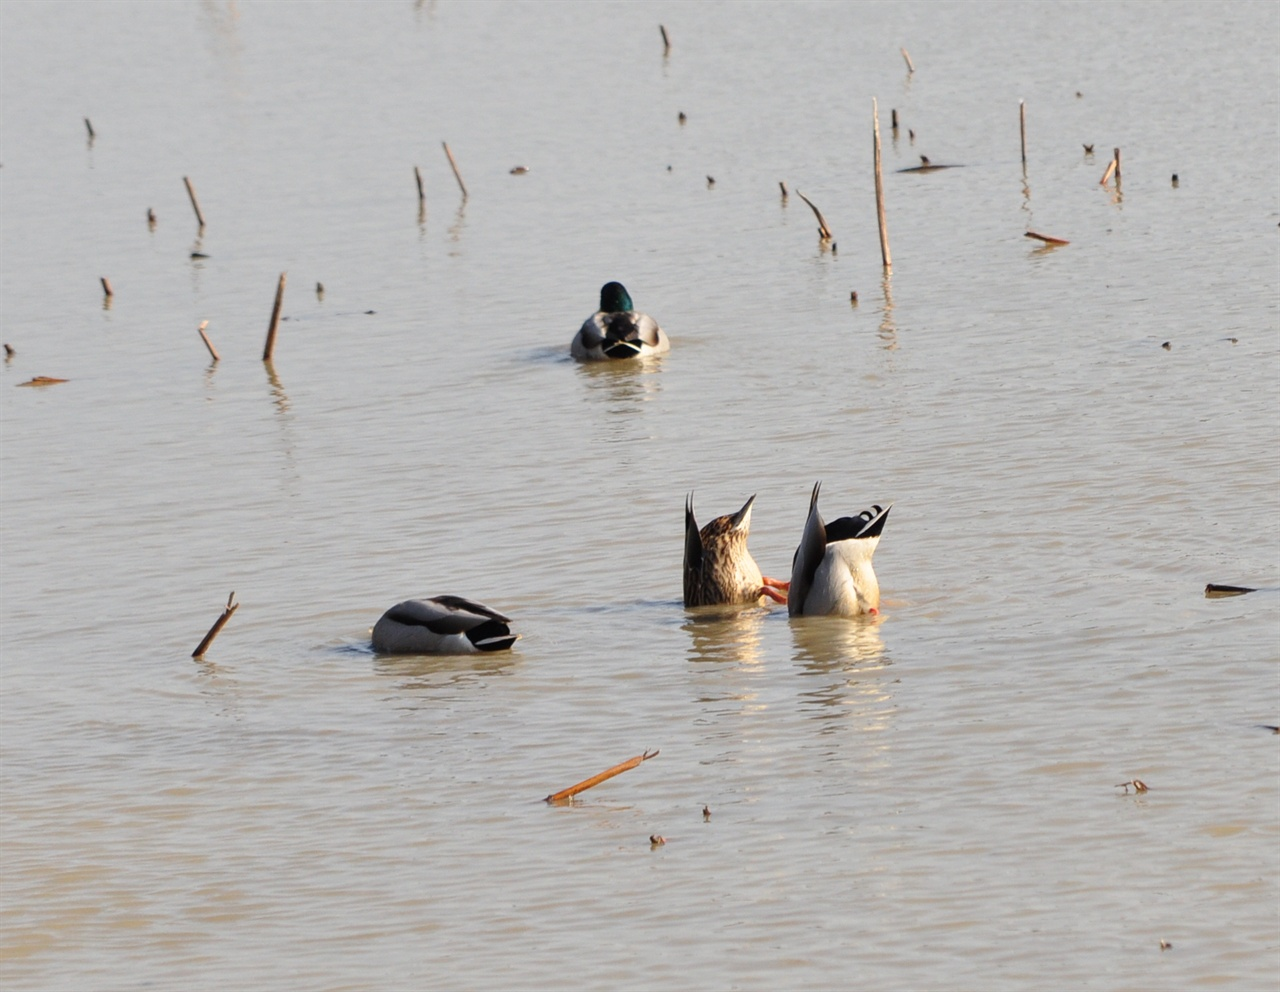 겨울철새이자 텃새인 청둥오리가 꽁지를 위로 치켜들고 부리를 물에  담근 채 열심히 먹이활동을 하고 있다.